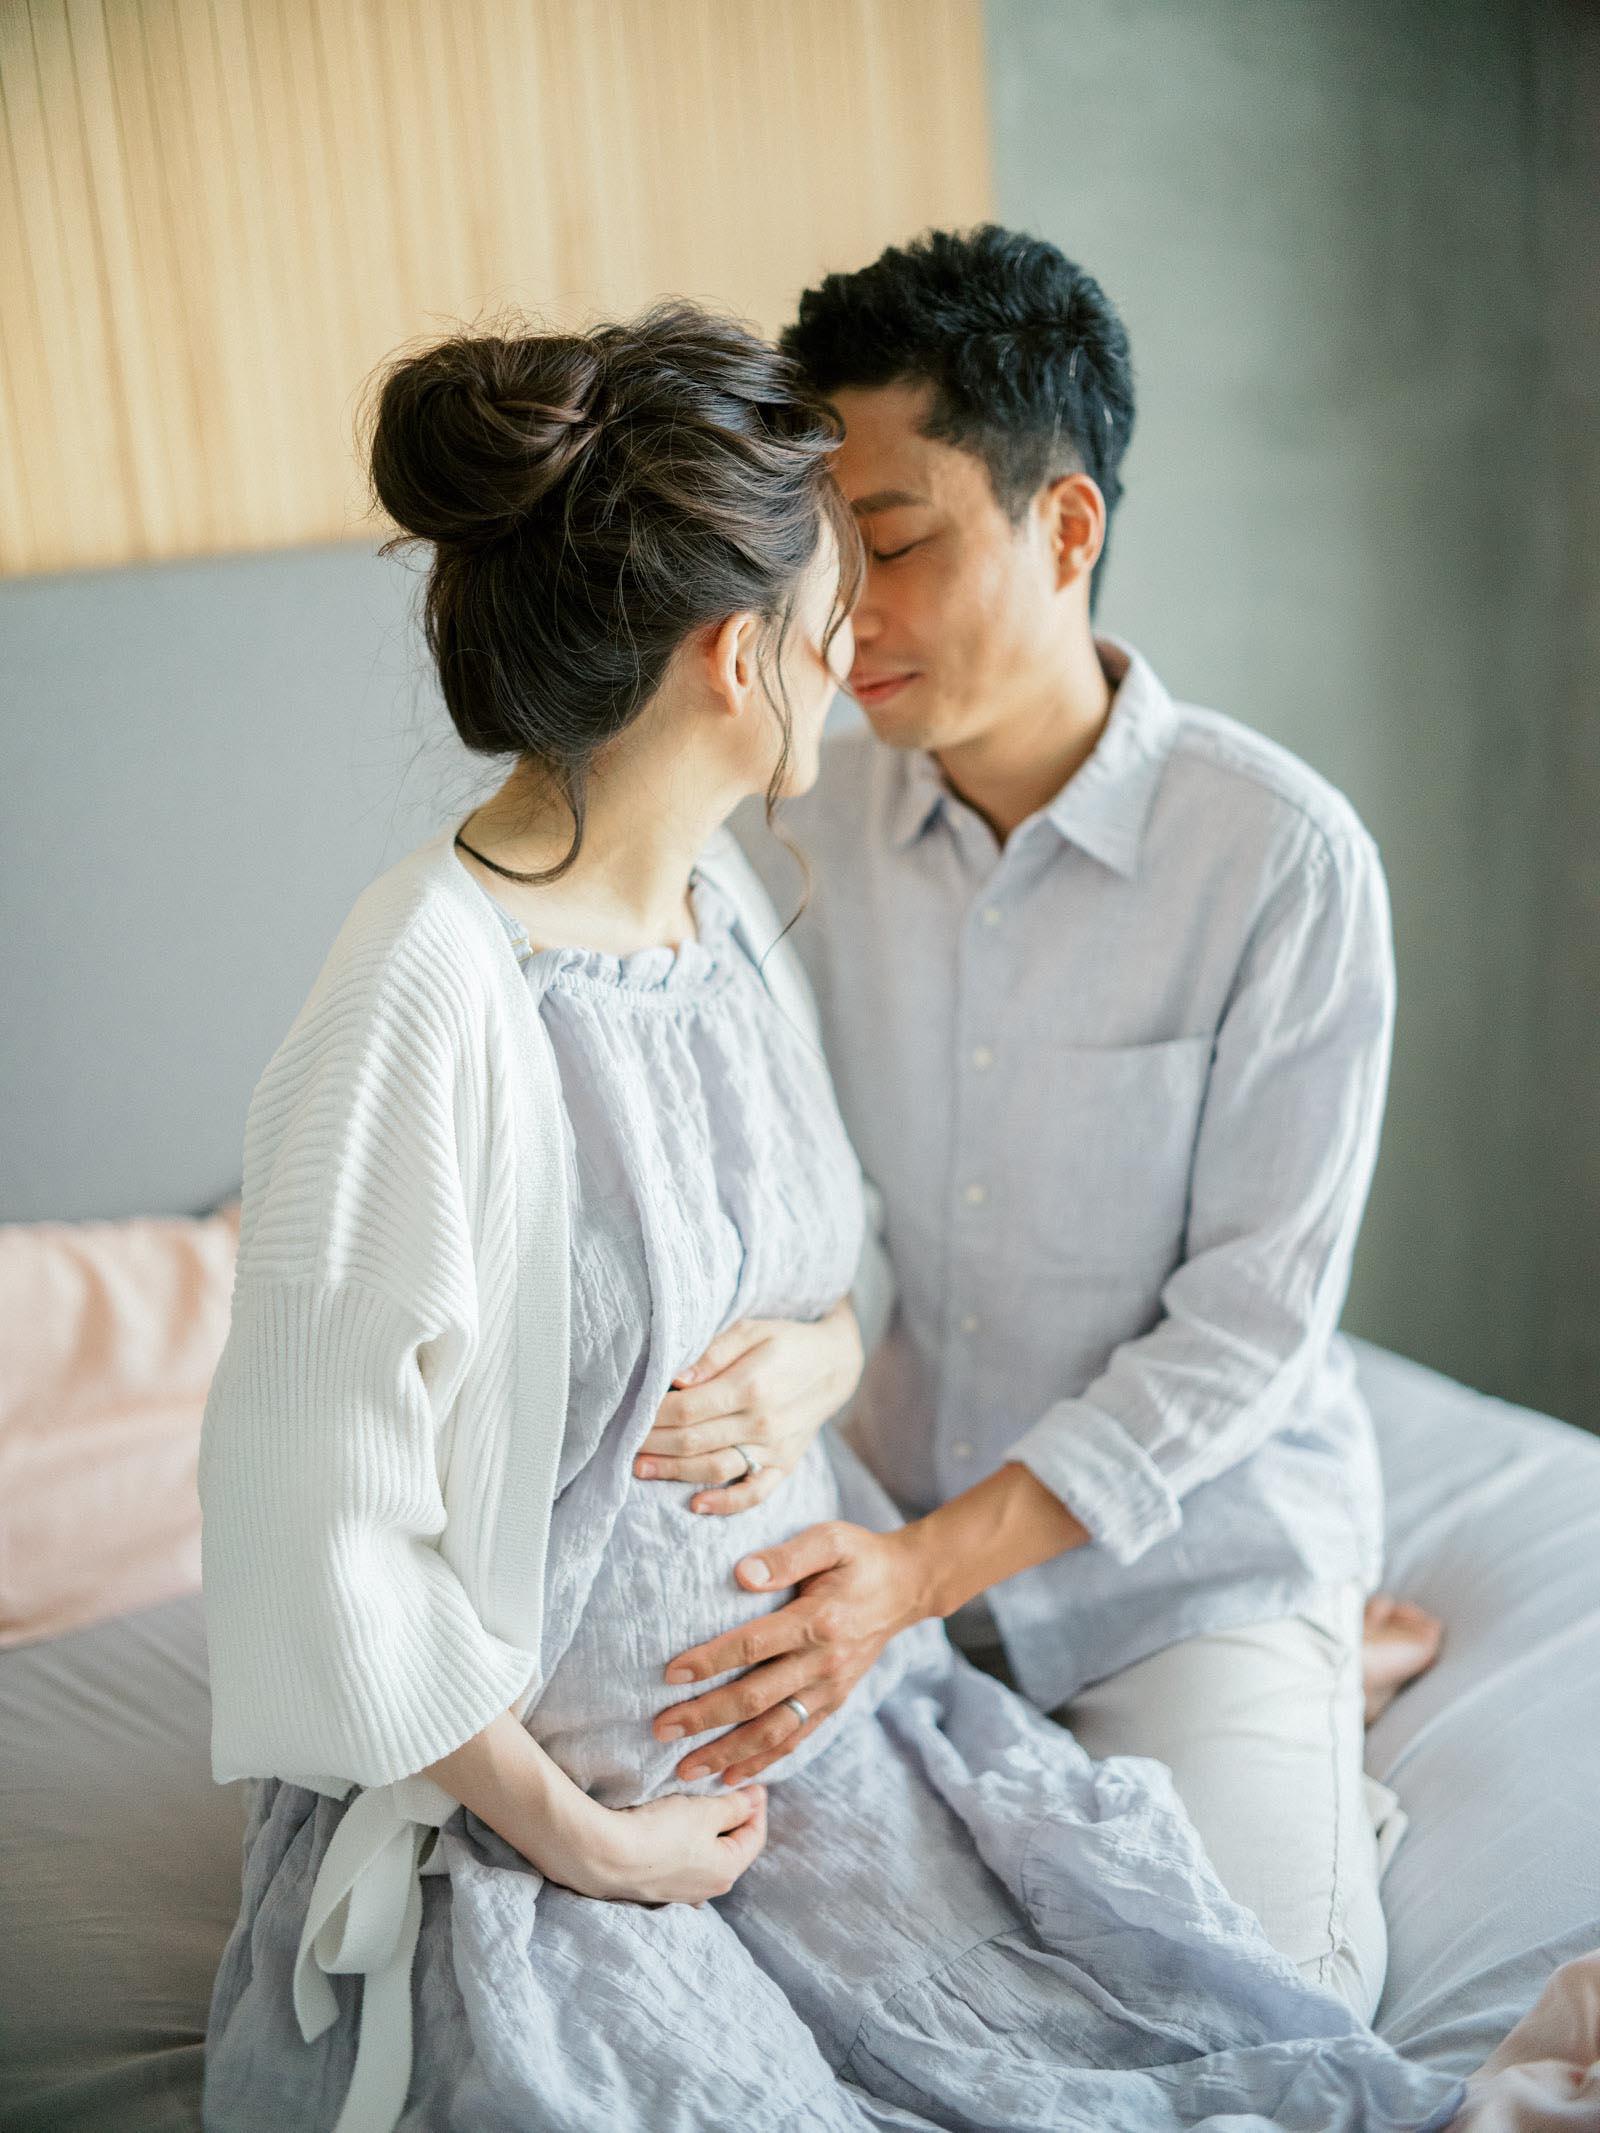 美式-戶外 孕期寫真-孕婦寫真-mark-hong-戶外-GFX-中片幅-Contax 645-底片